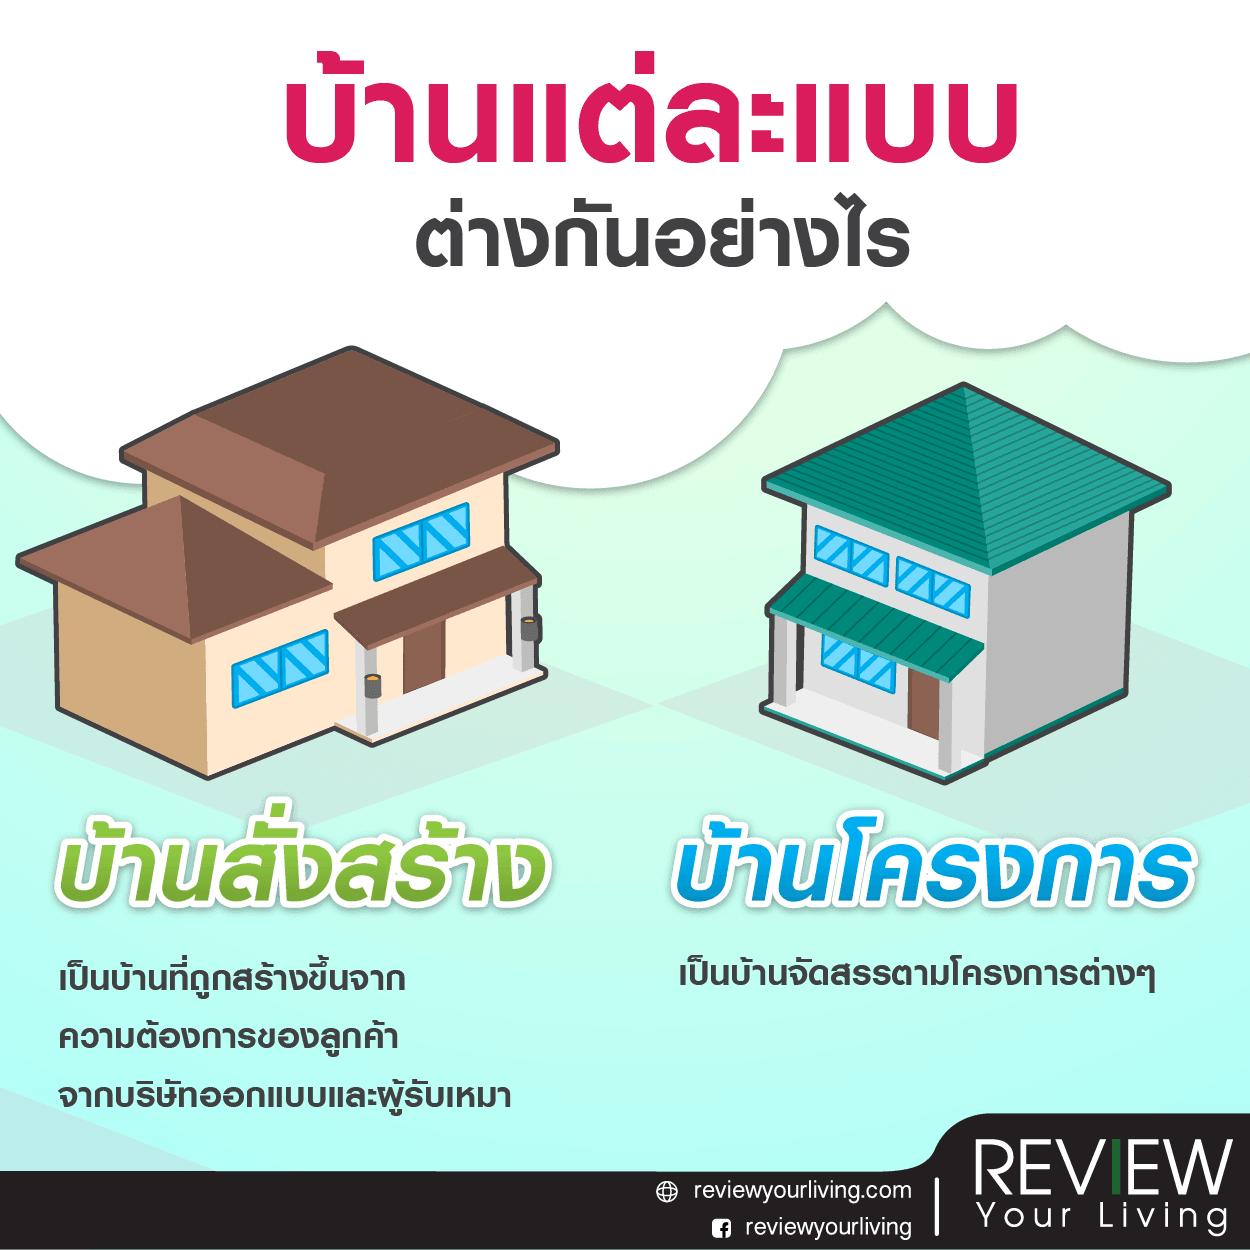 บ้านสั่งสร้าง vs บ้านโครงการ